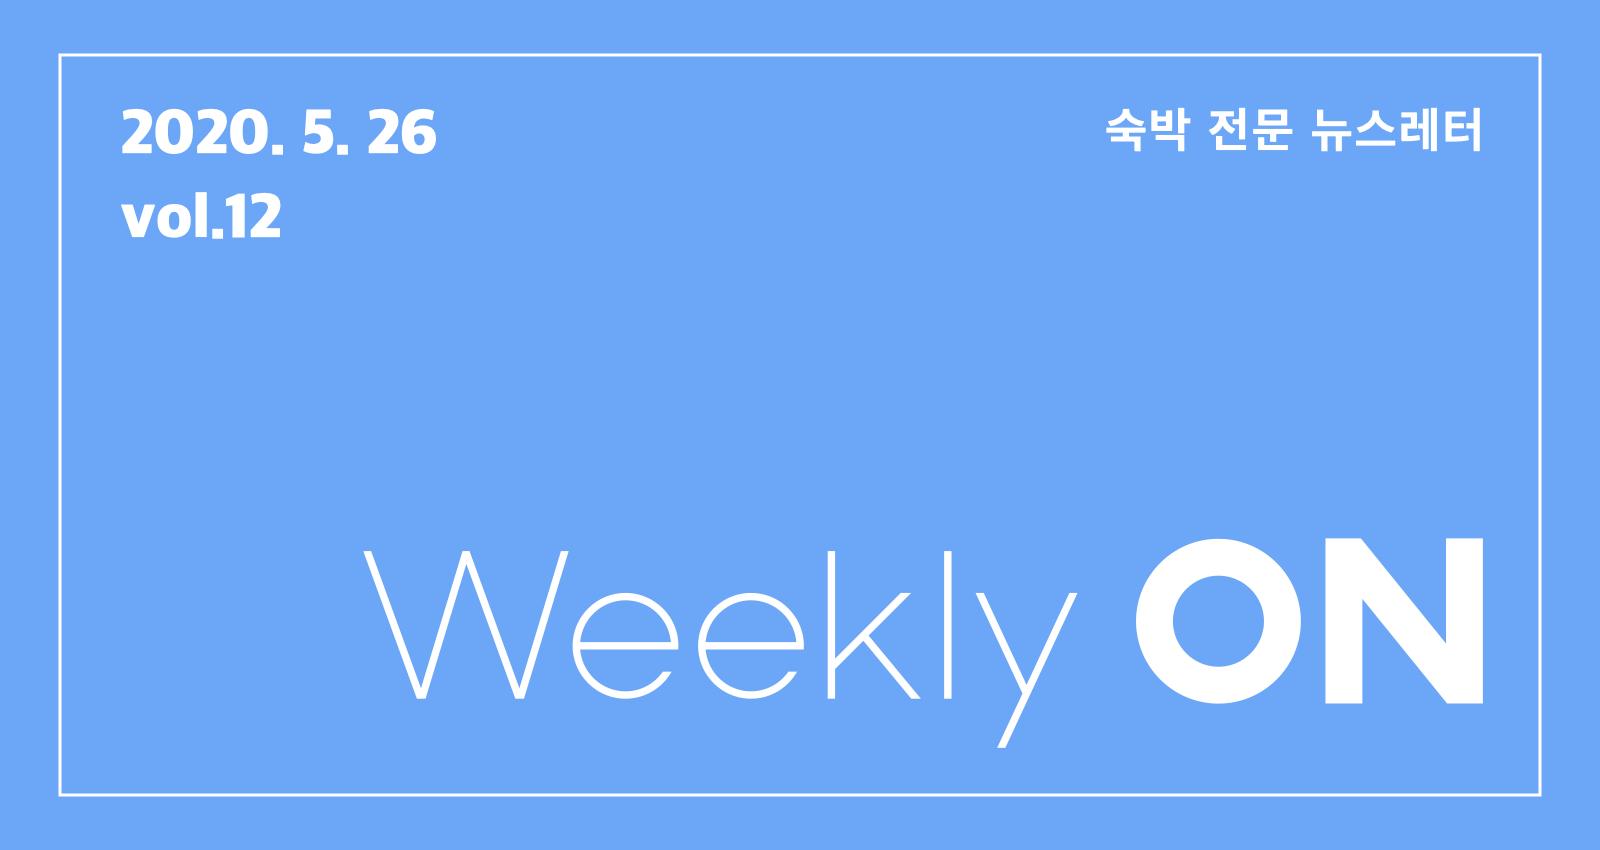 [뉴스레터] Weekly ON 2020년 5월 소식 (2020.05.26 업데이트)